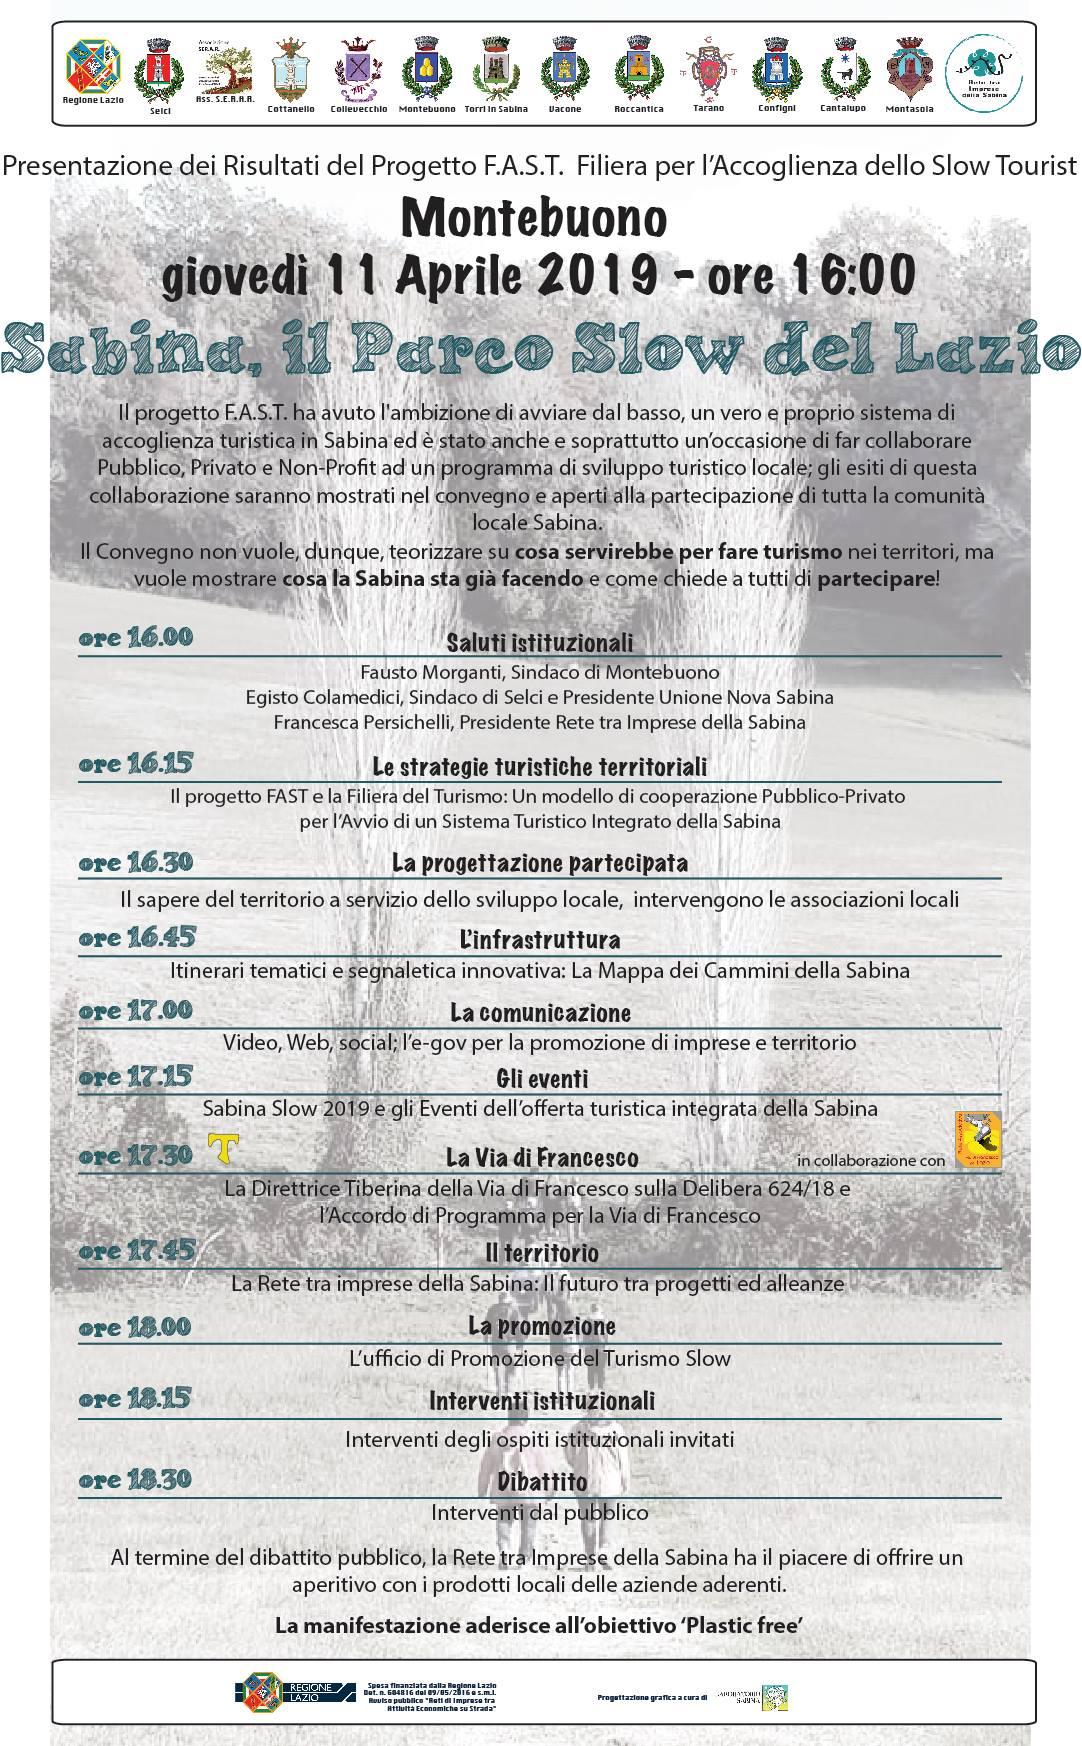 Sabina, il Parco Slow del Lazio - eventi in sabina